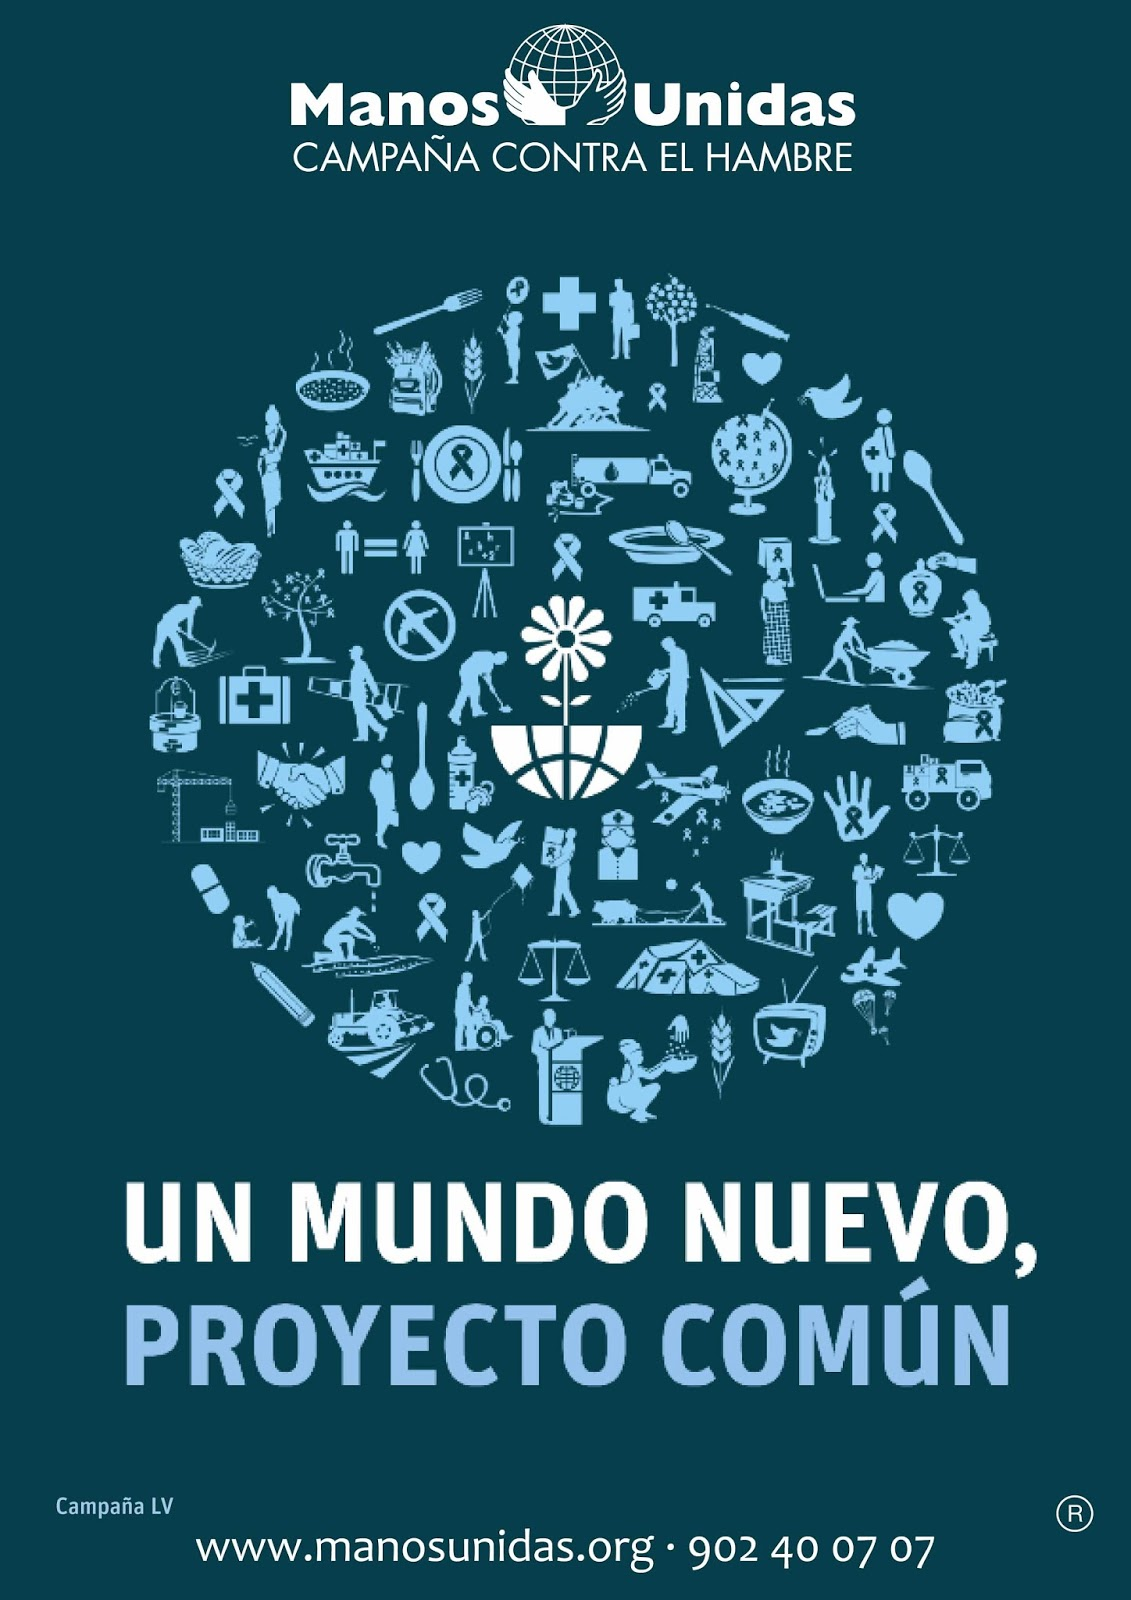 http://www.manosunidas.org/recursos-campana-2014